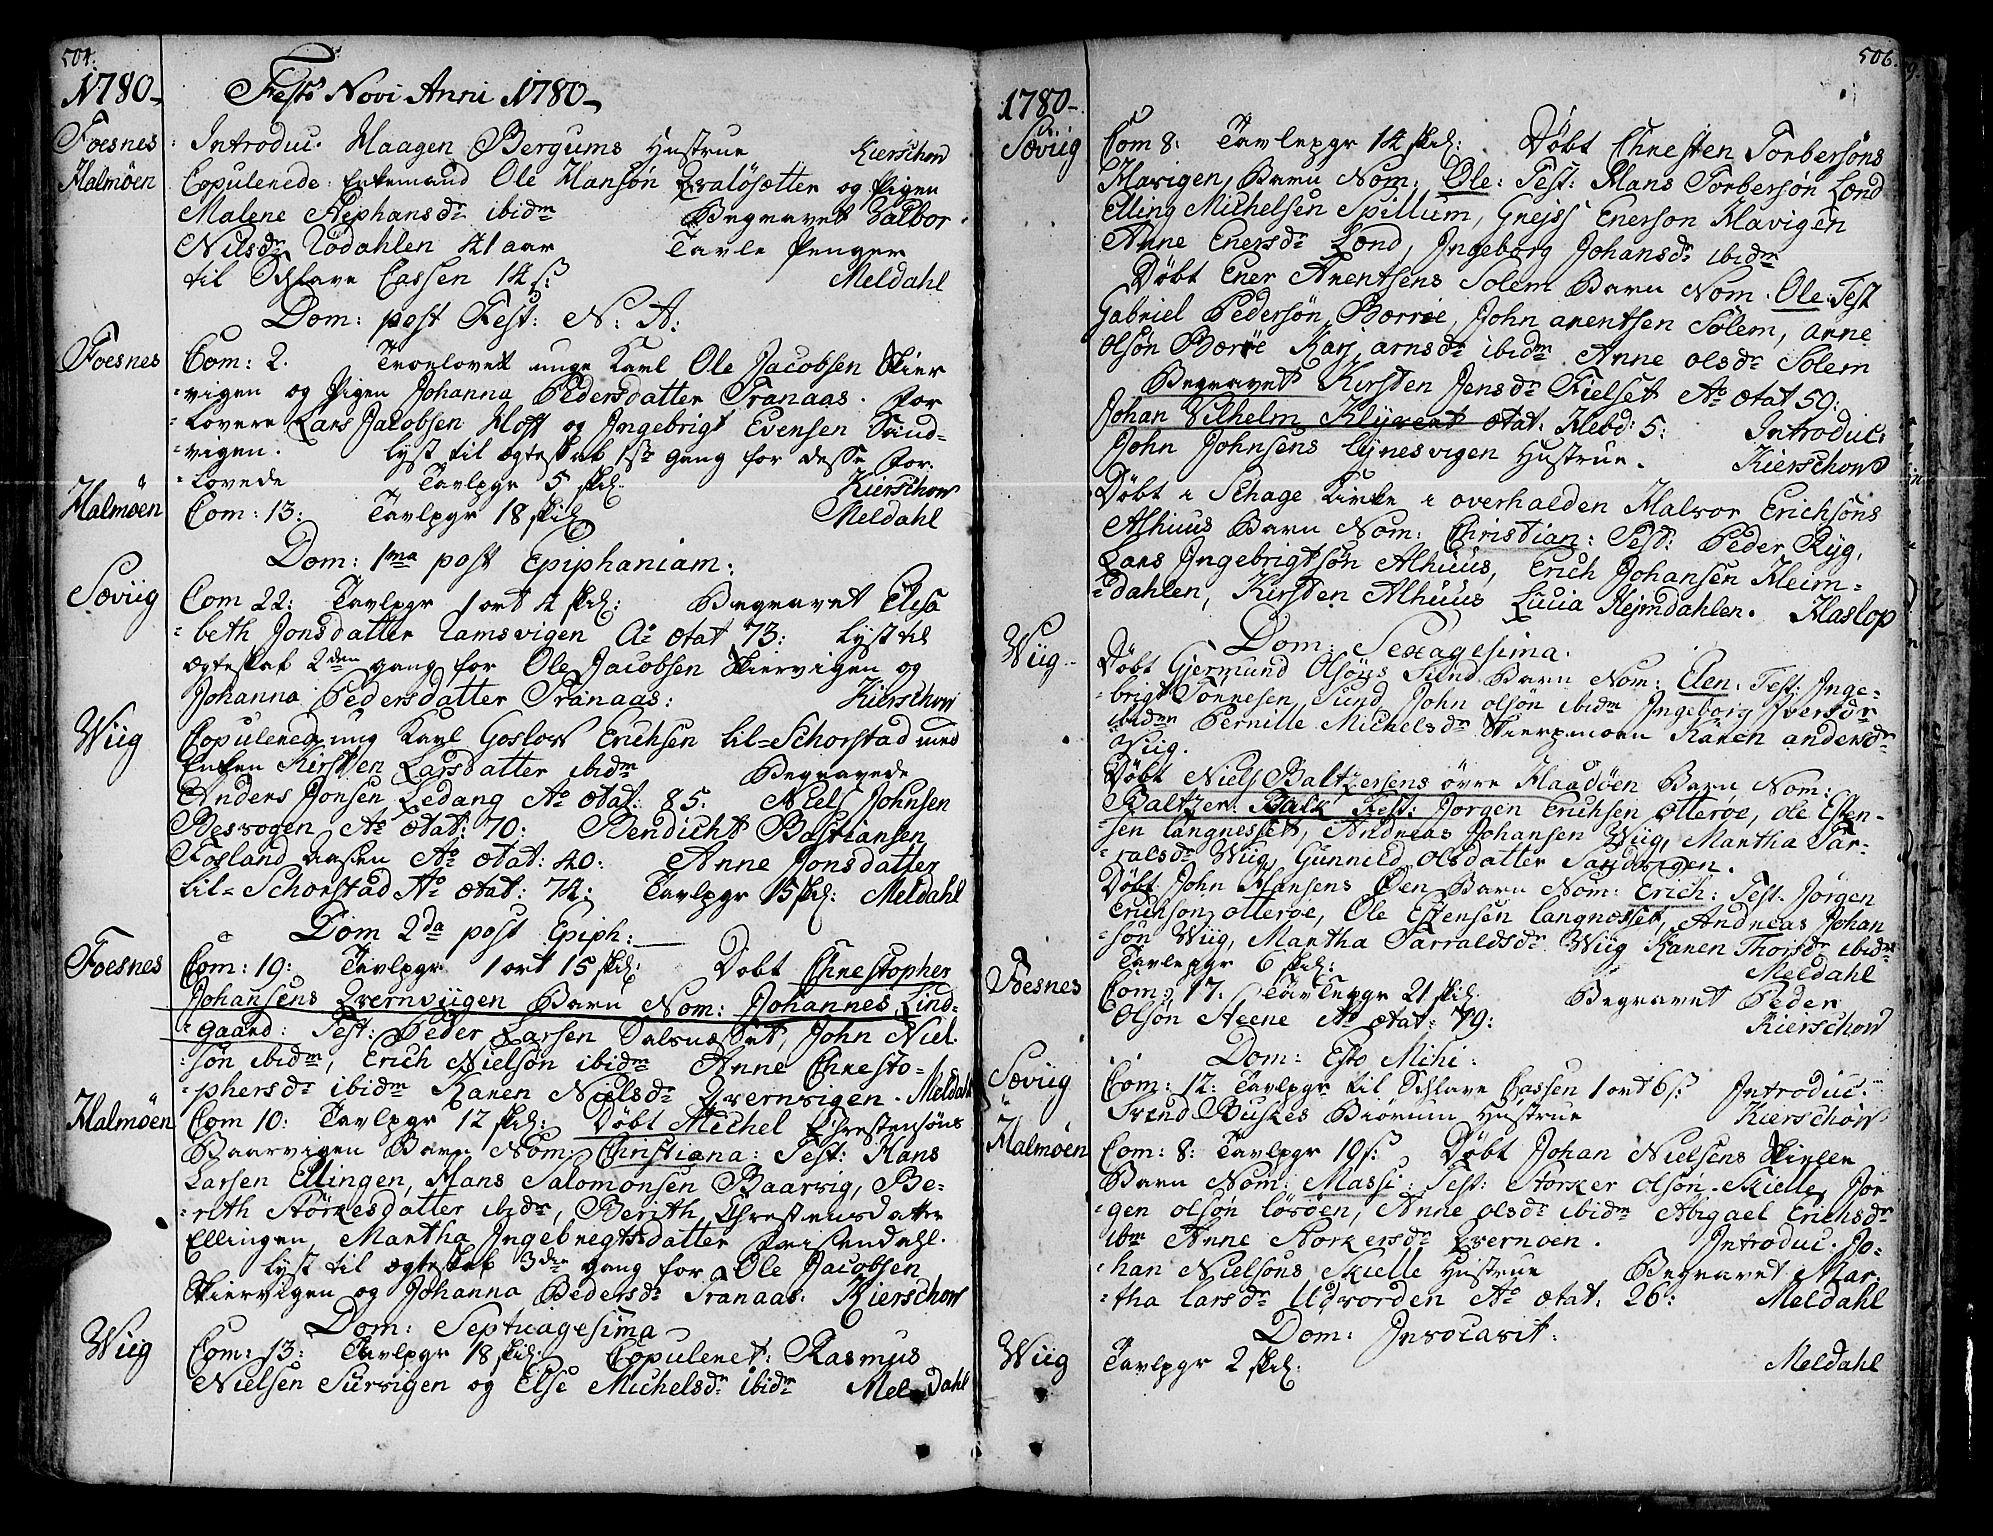 SAT, Ministerialprotokoller, klokkerbøker og fødselsregistre - Nord-Trøndelag, 773/L0607: Ministerialbok nr. 773A01, 1751-1783, s. 504-505